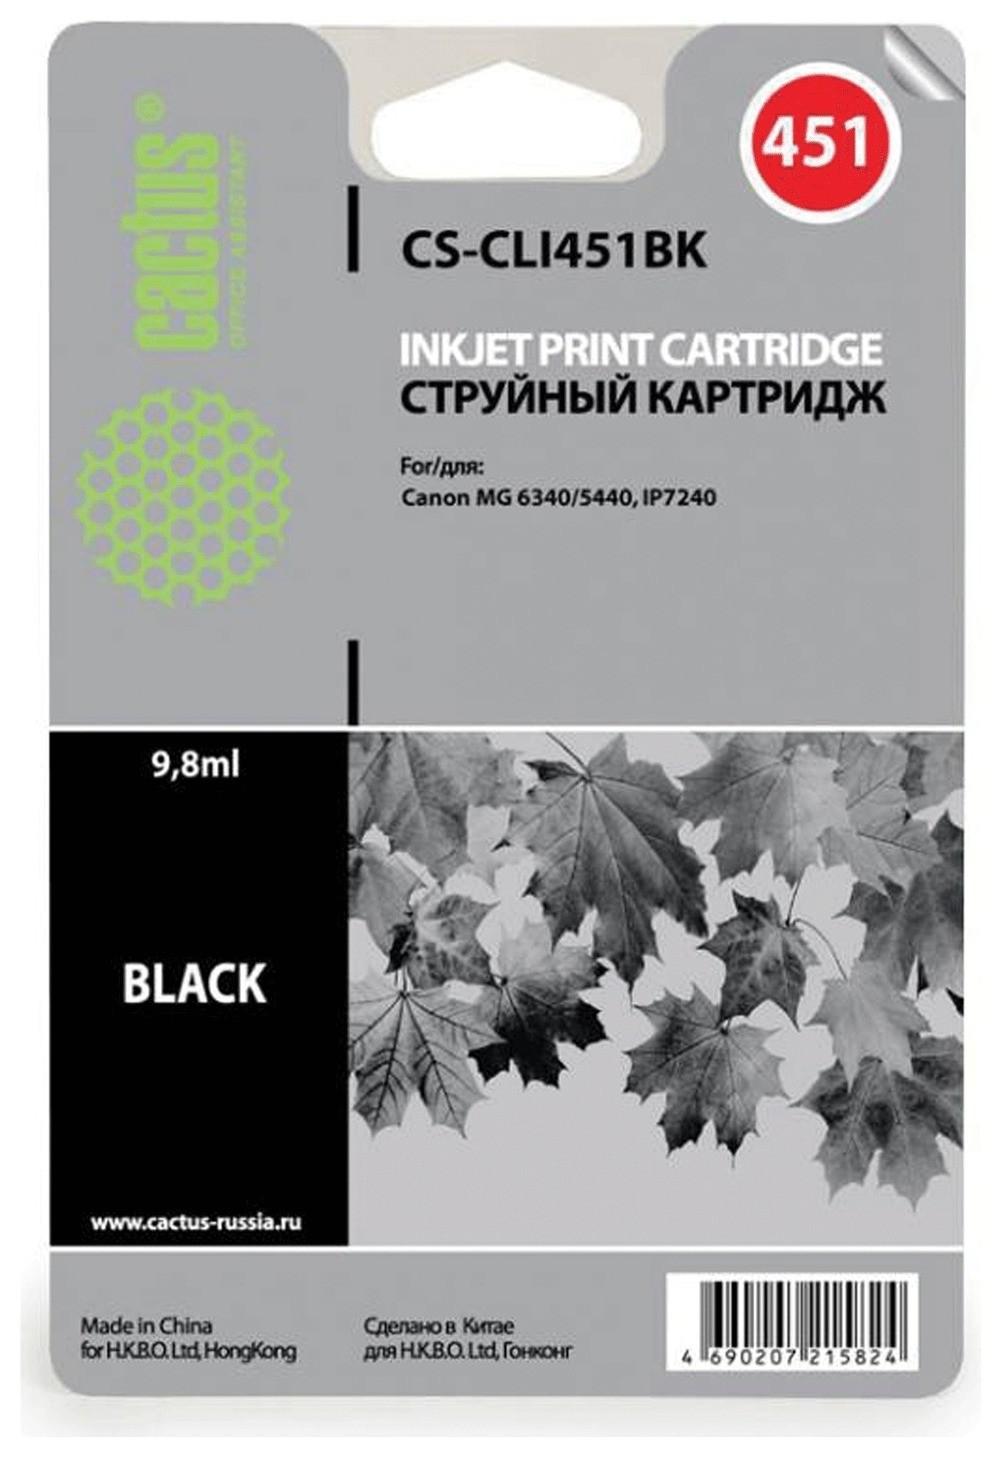 Картридж струйный CACTUS (CS-CLI451BK) для CANON Pixma iP7240, черный  Cactus